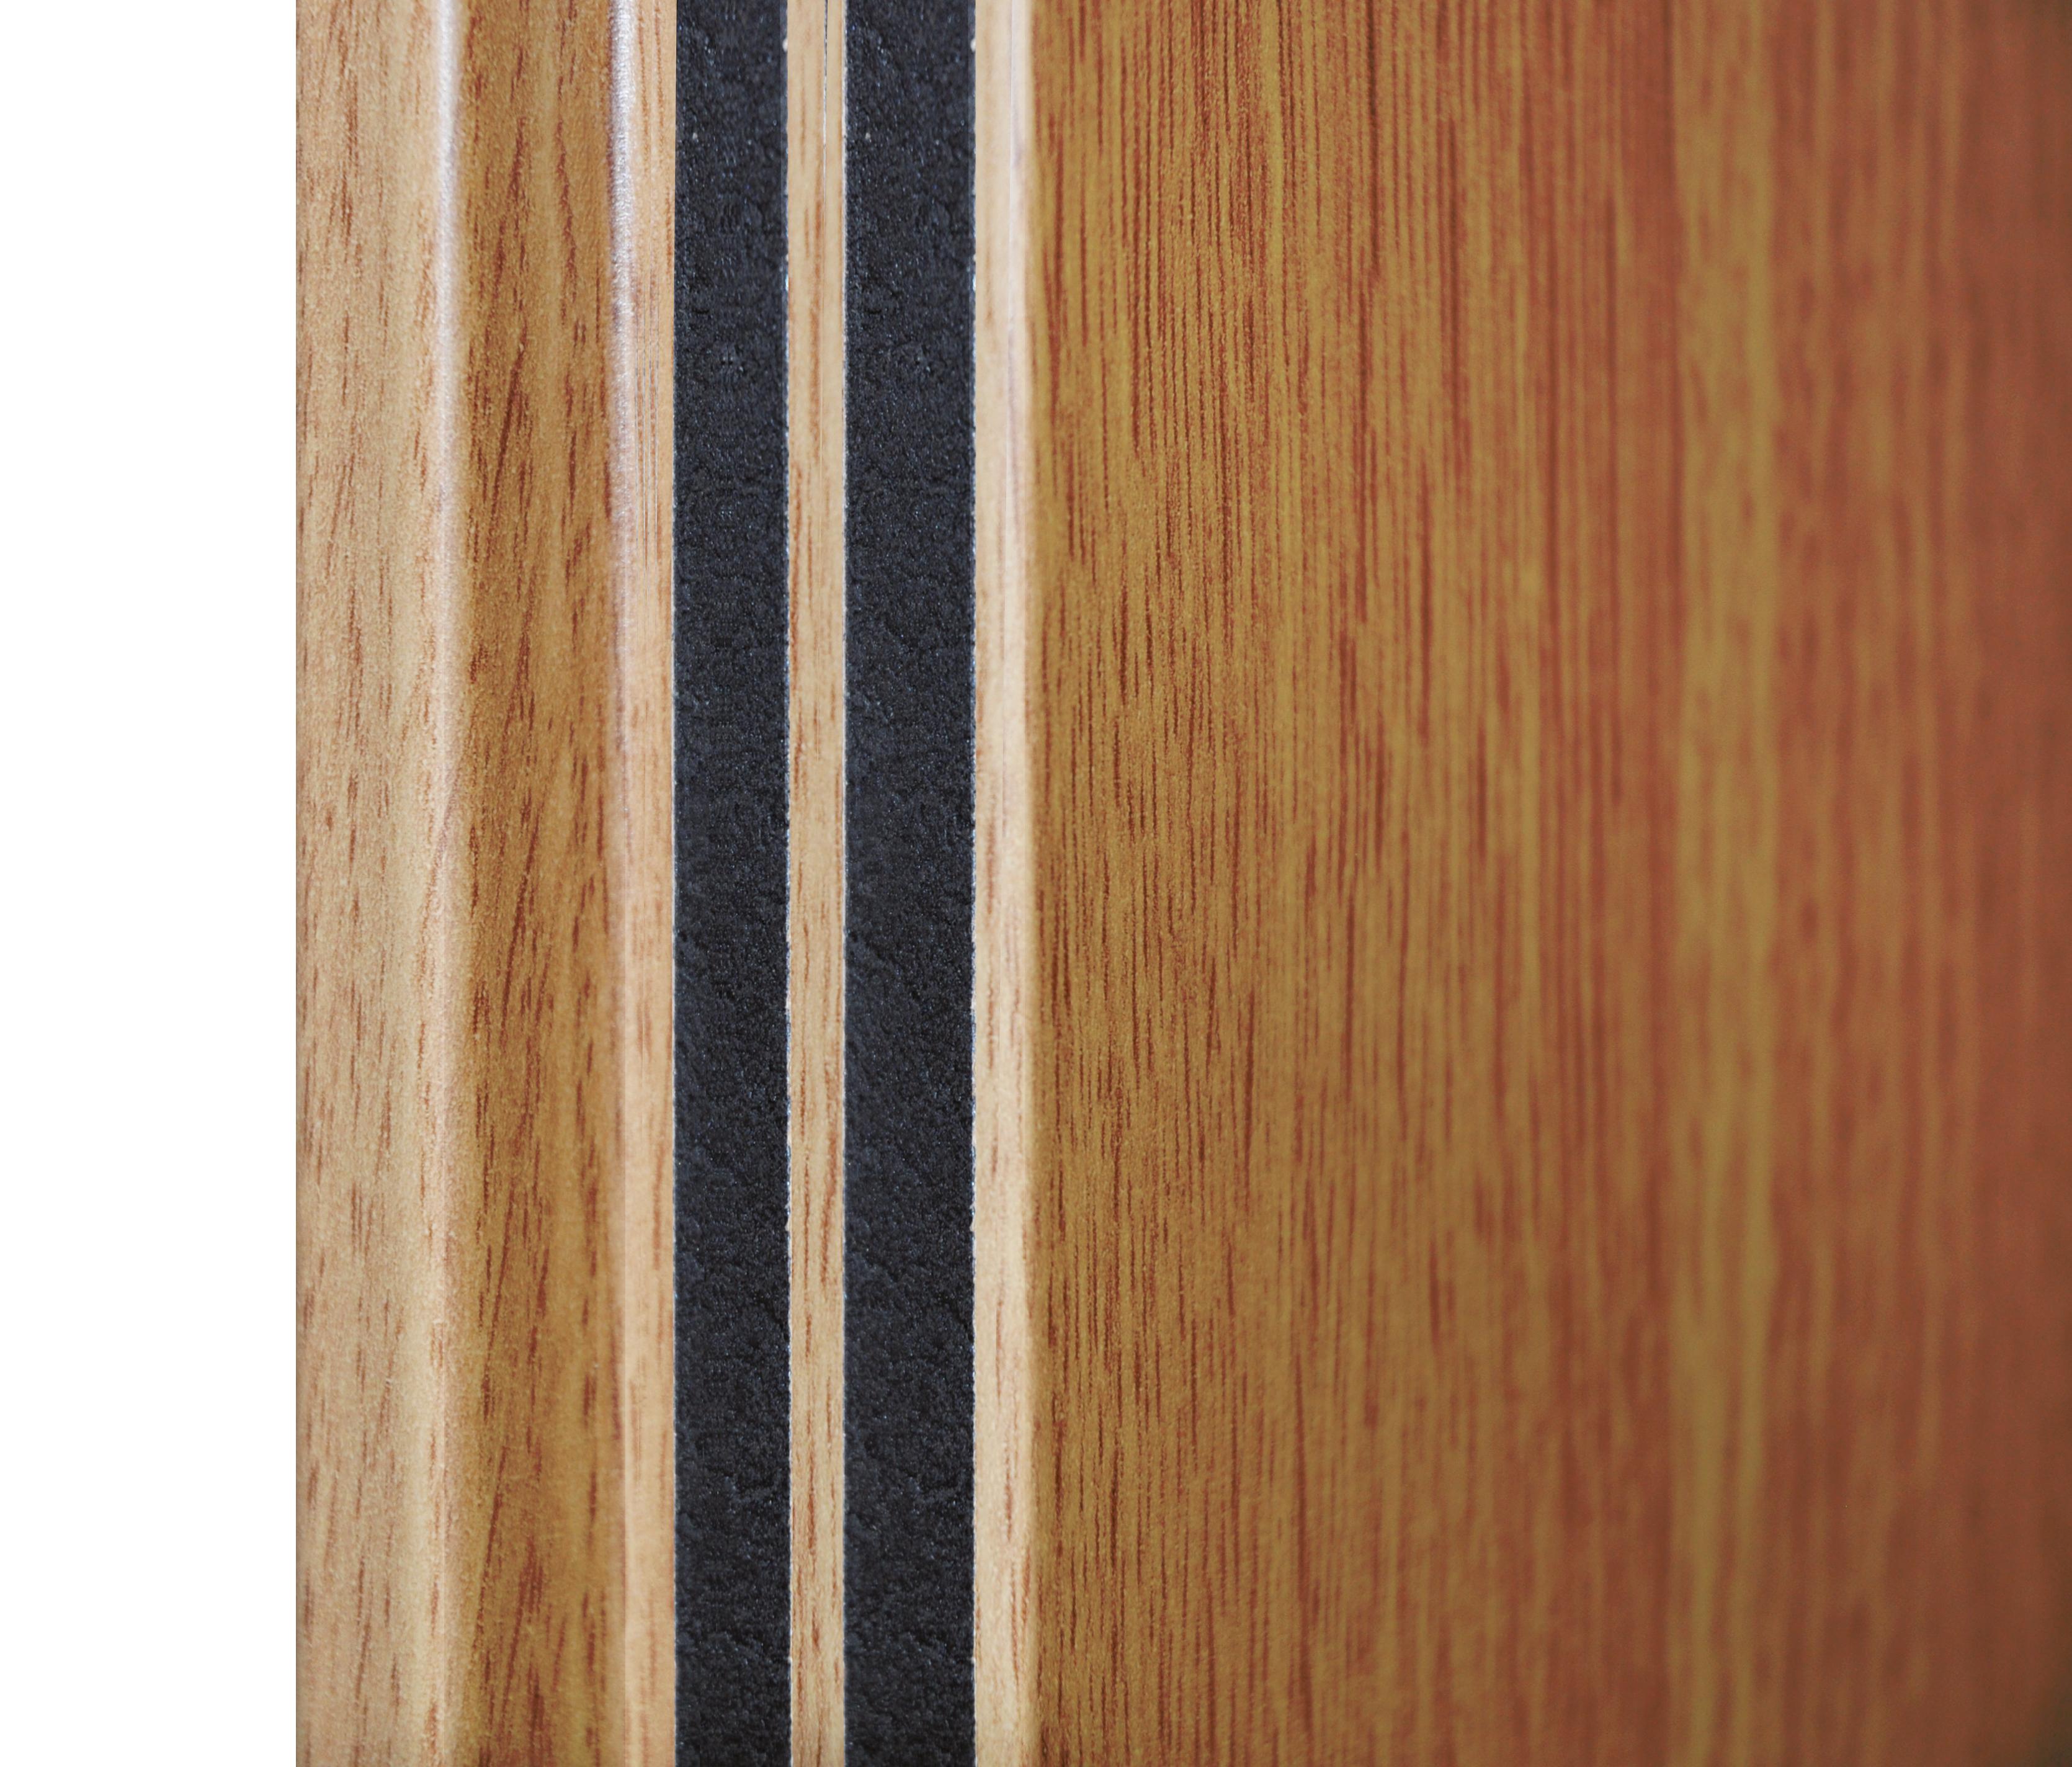 Uszczelka pęczniejąca - drzwi GUARDIA